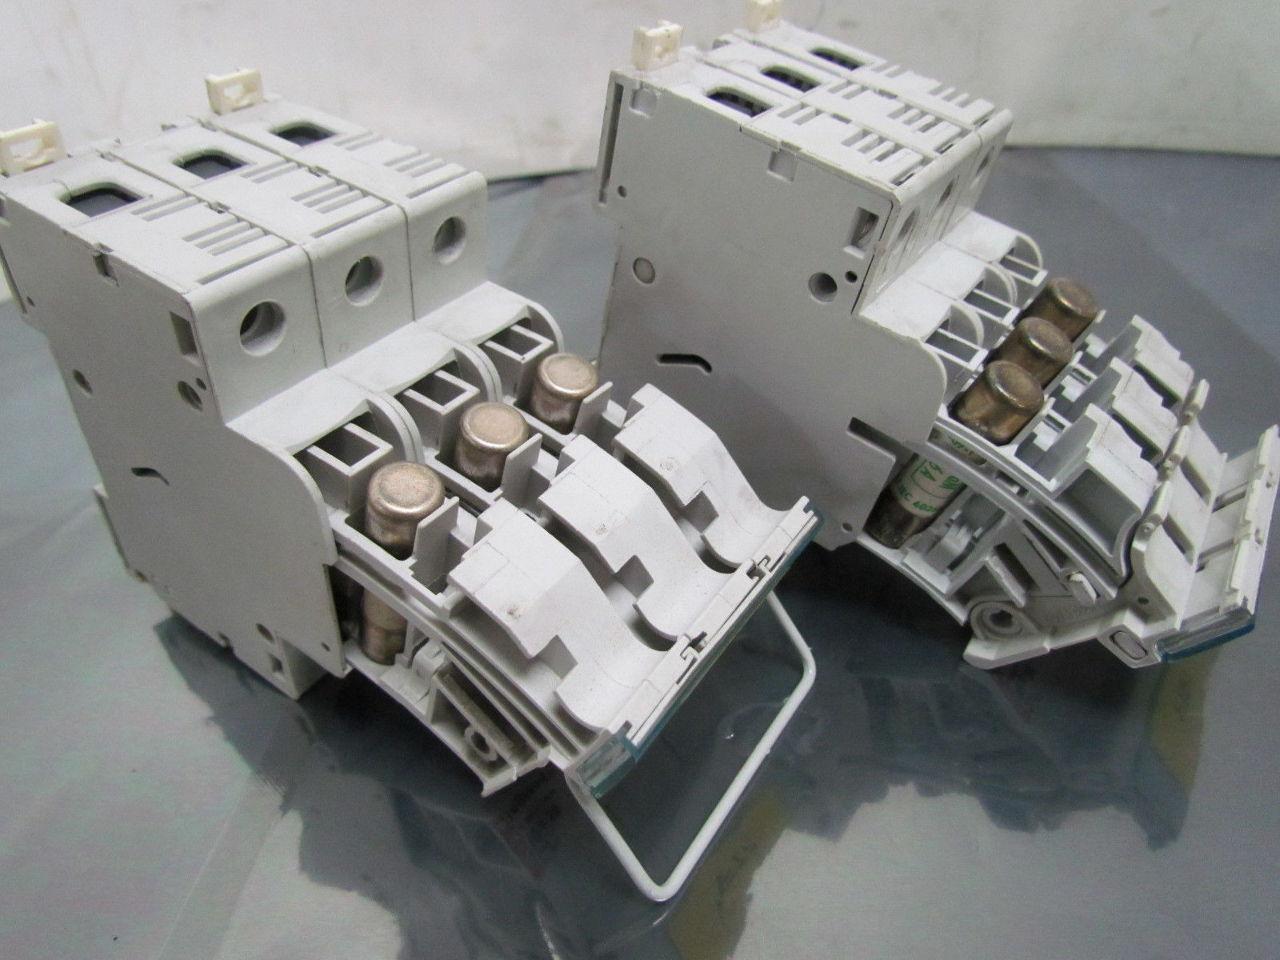 home fuse box panel diagram schematic legrand 058 38 iec269 2 3 pole fuse holder 10x38 2 per lot home fuse box labeling #7